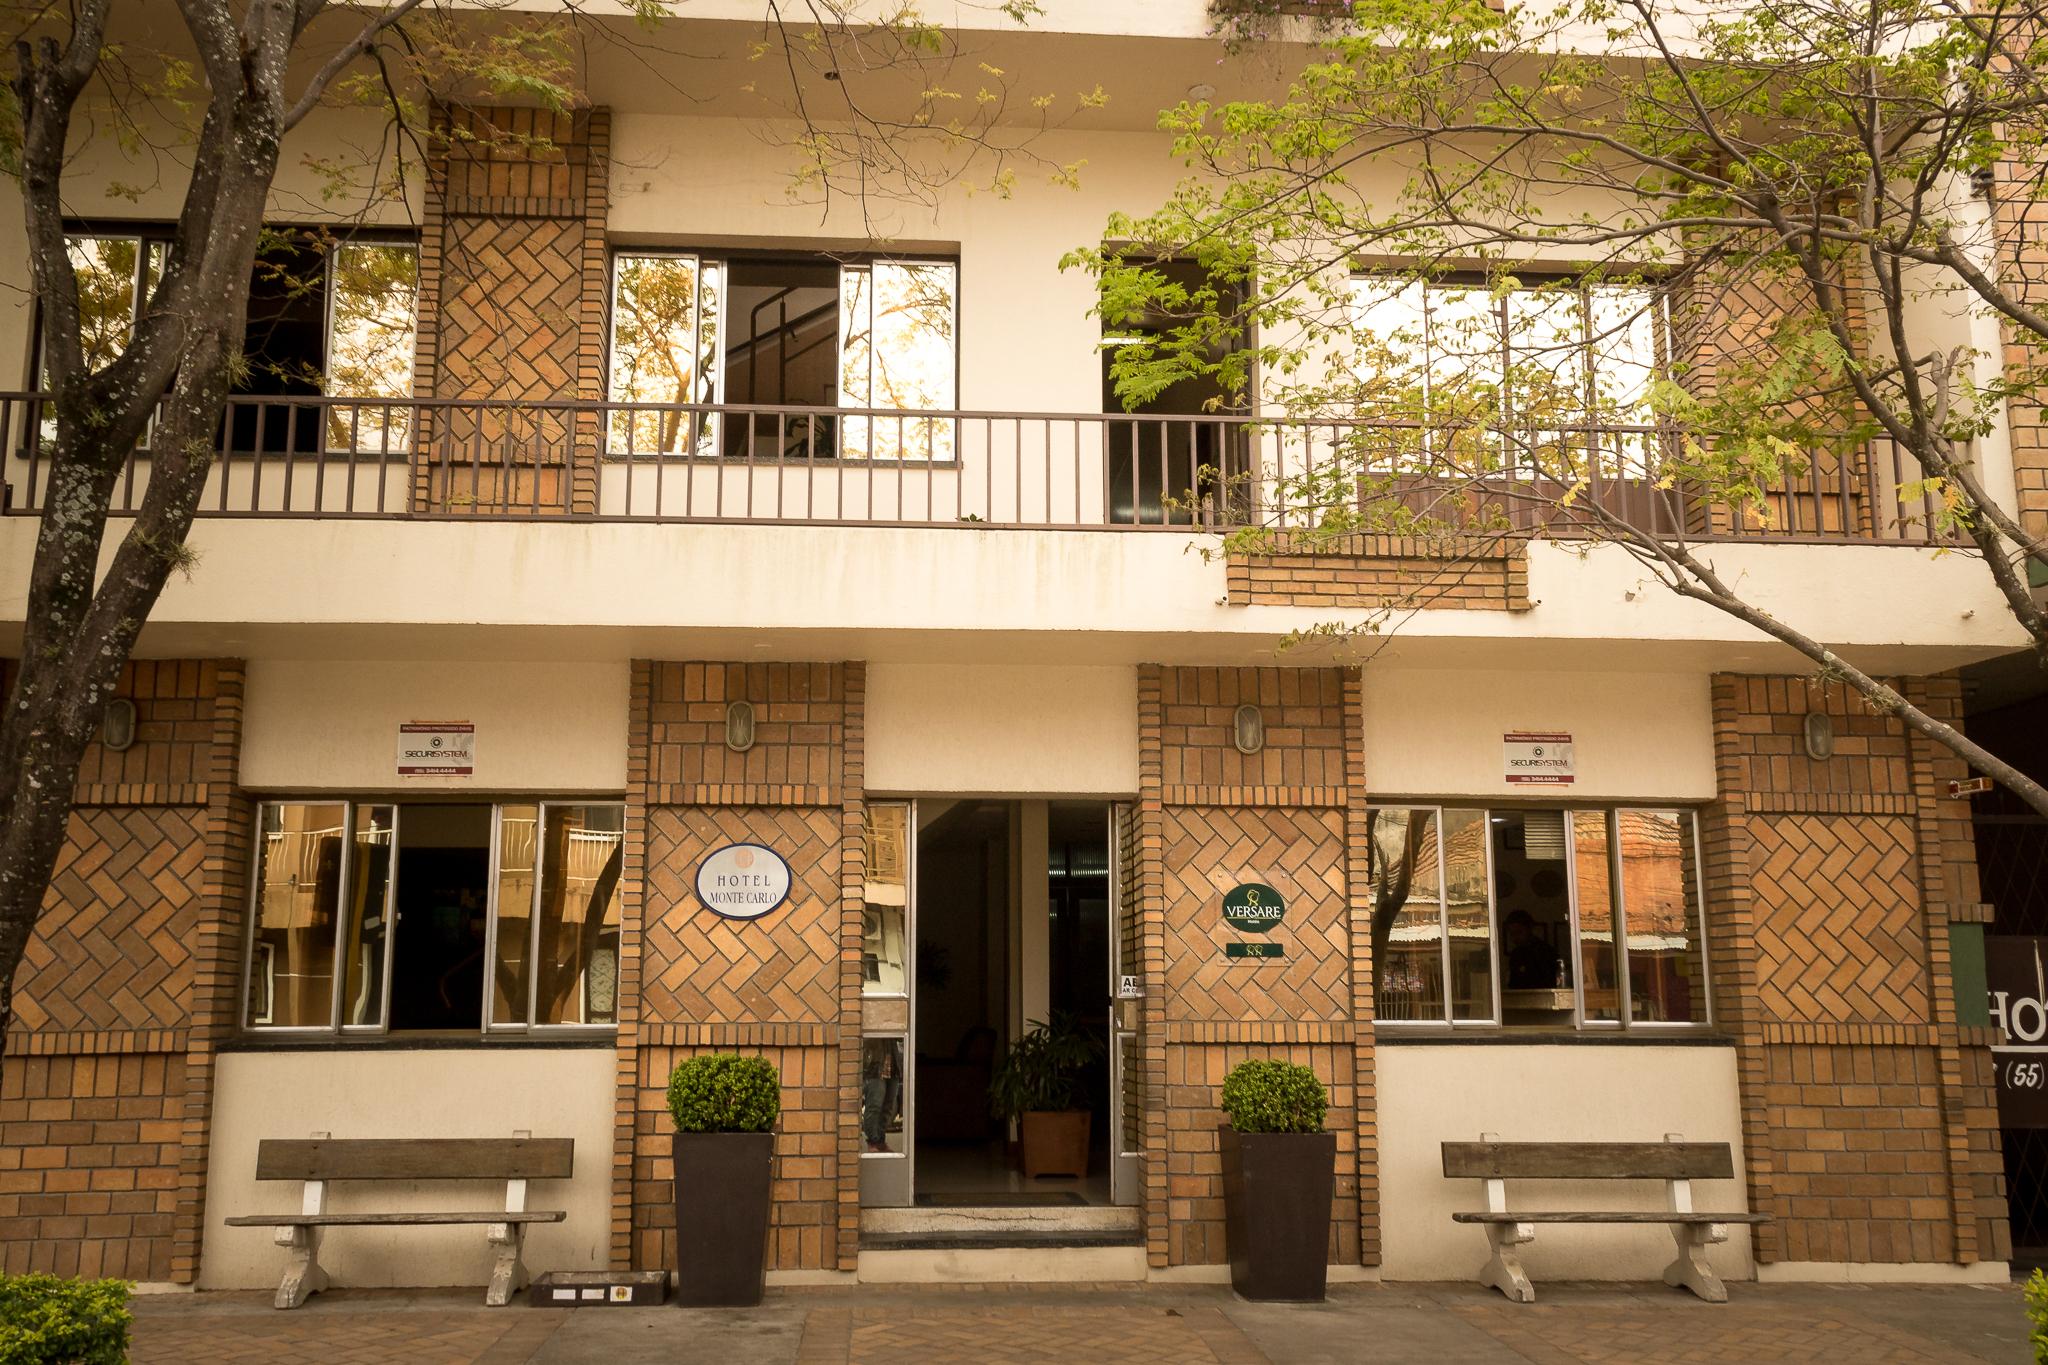 Facha Hotel Monte Carlo